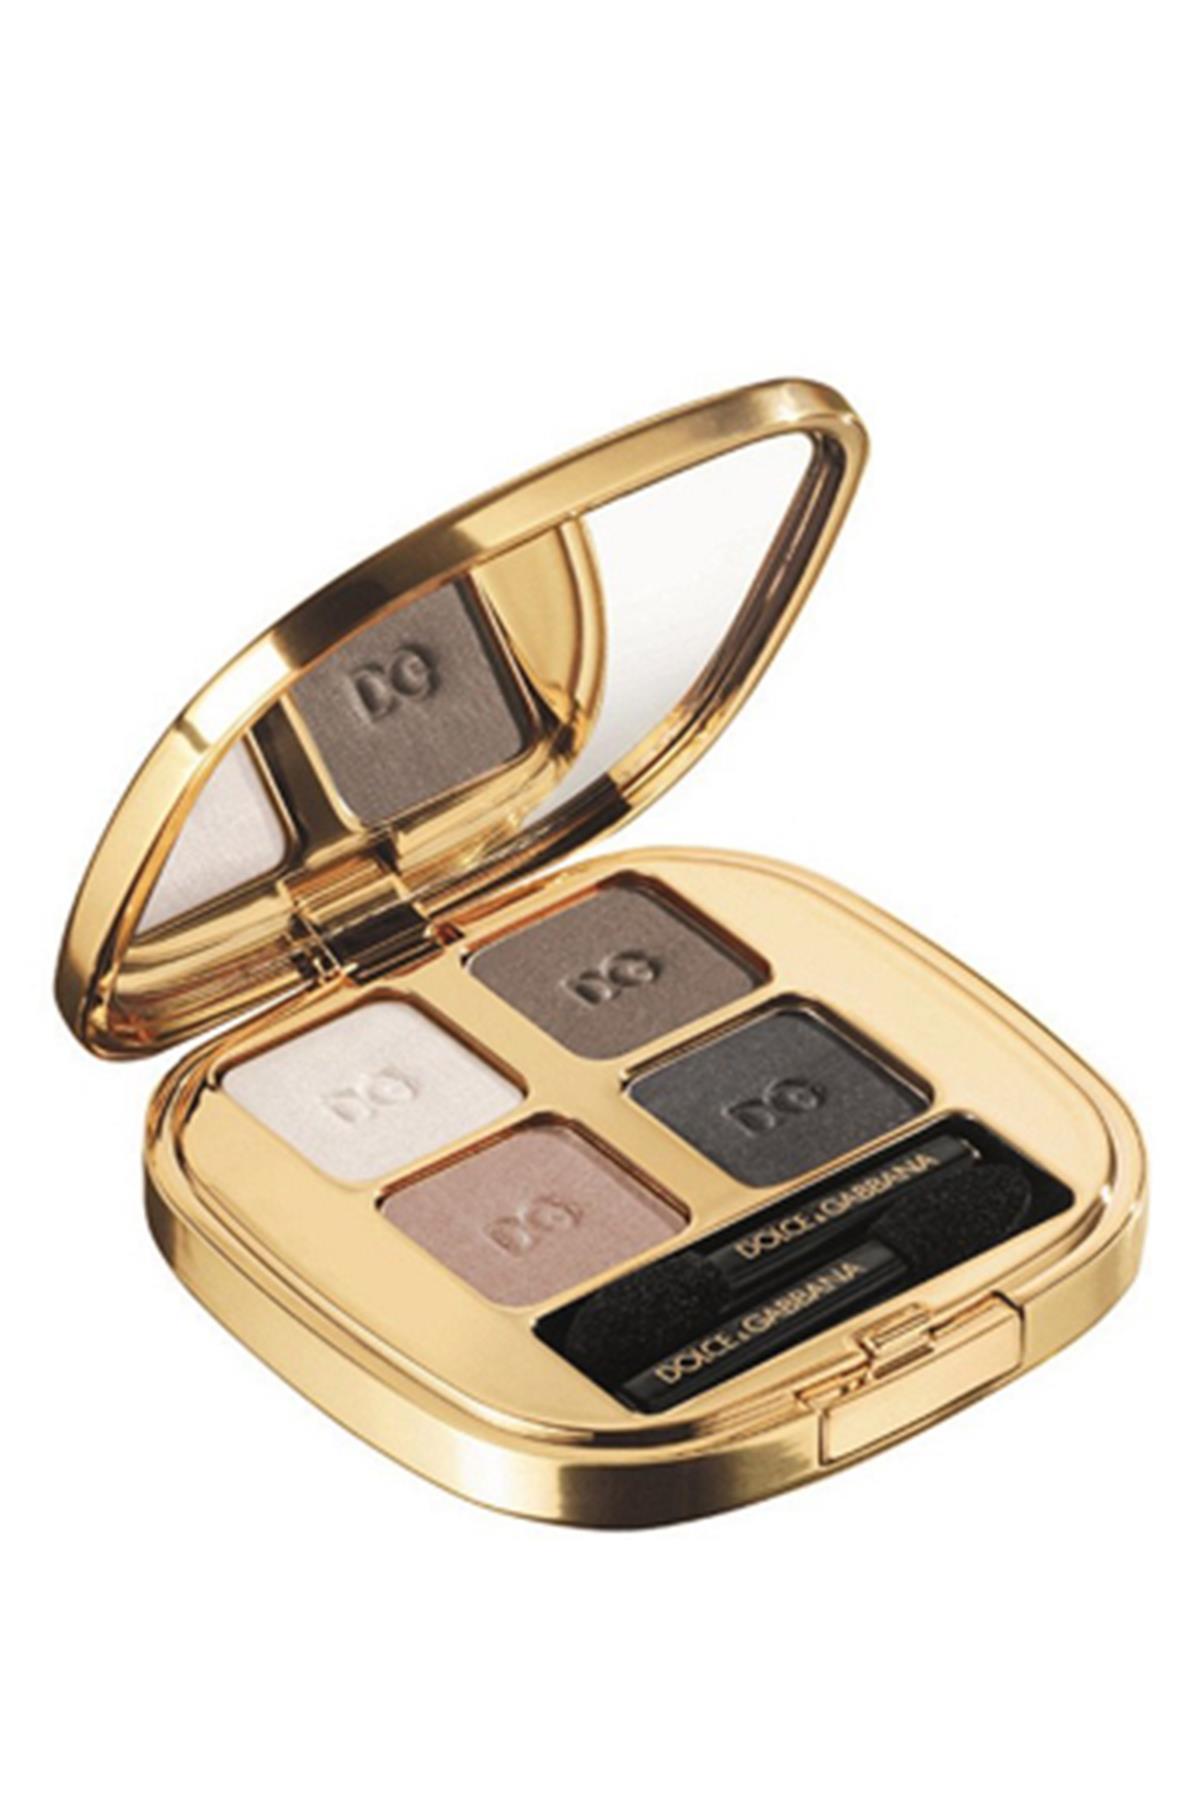 Dolce Gabbana Smooth Eye Colour Quad Göz Farı 100 Femme Fatale